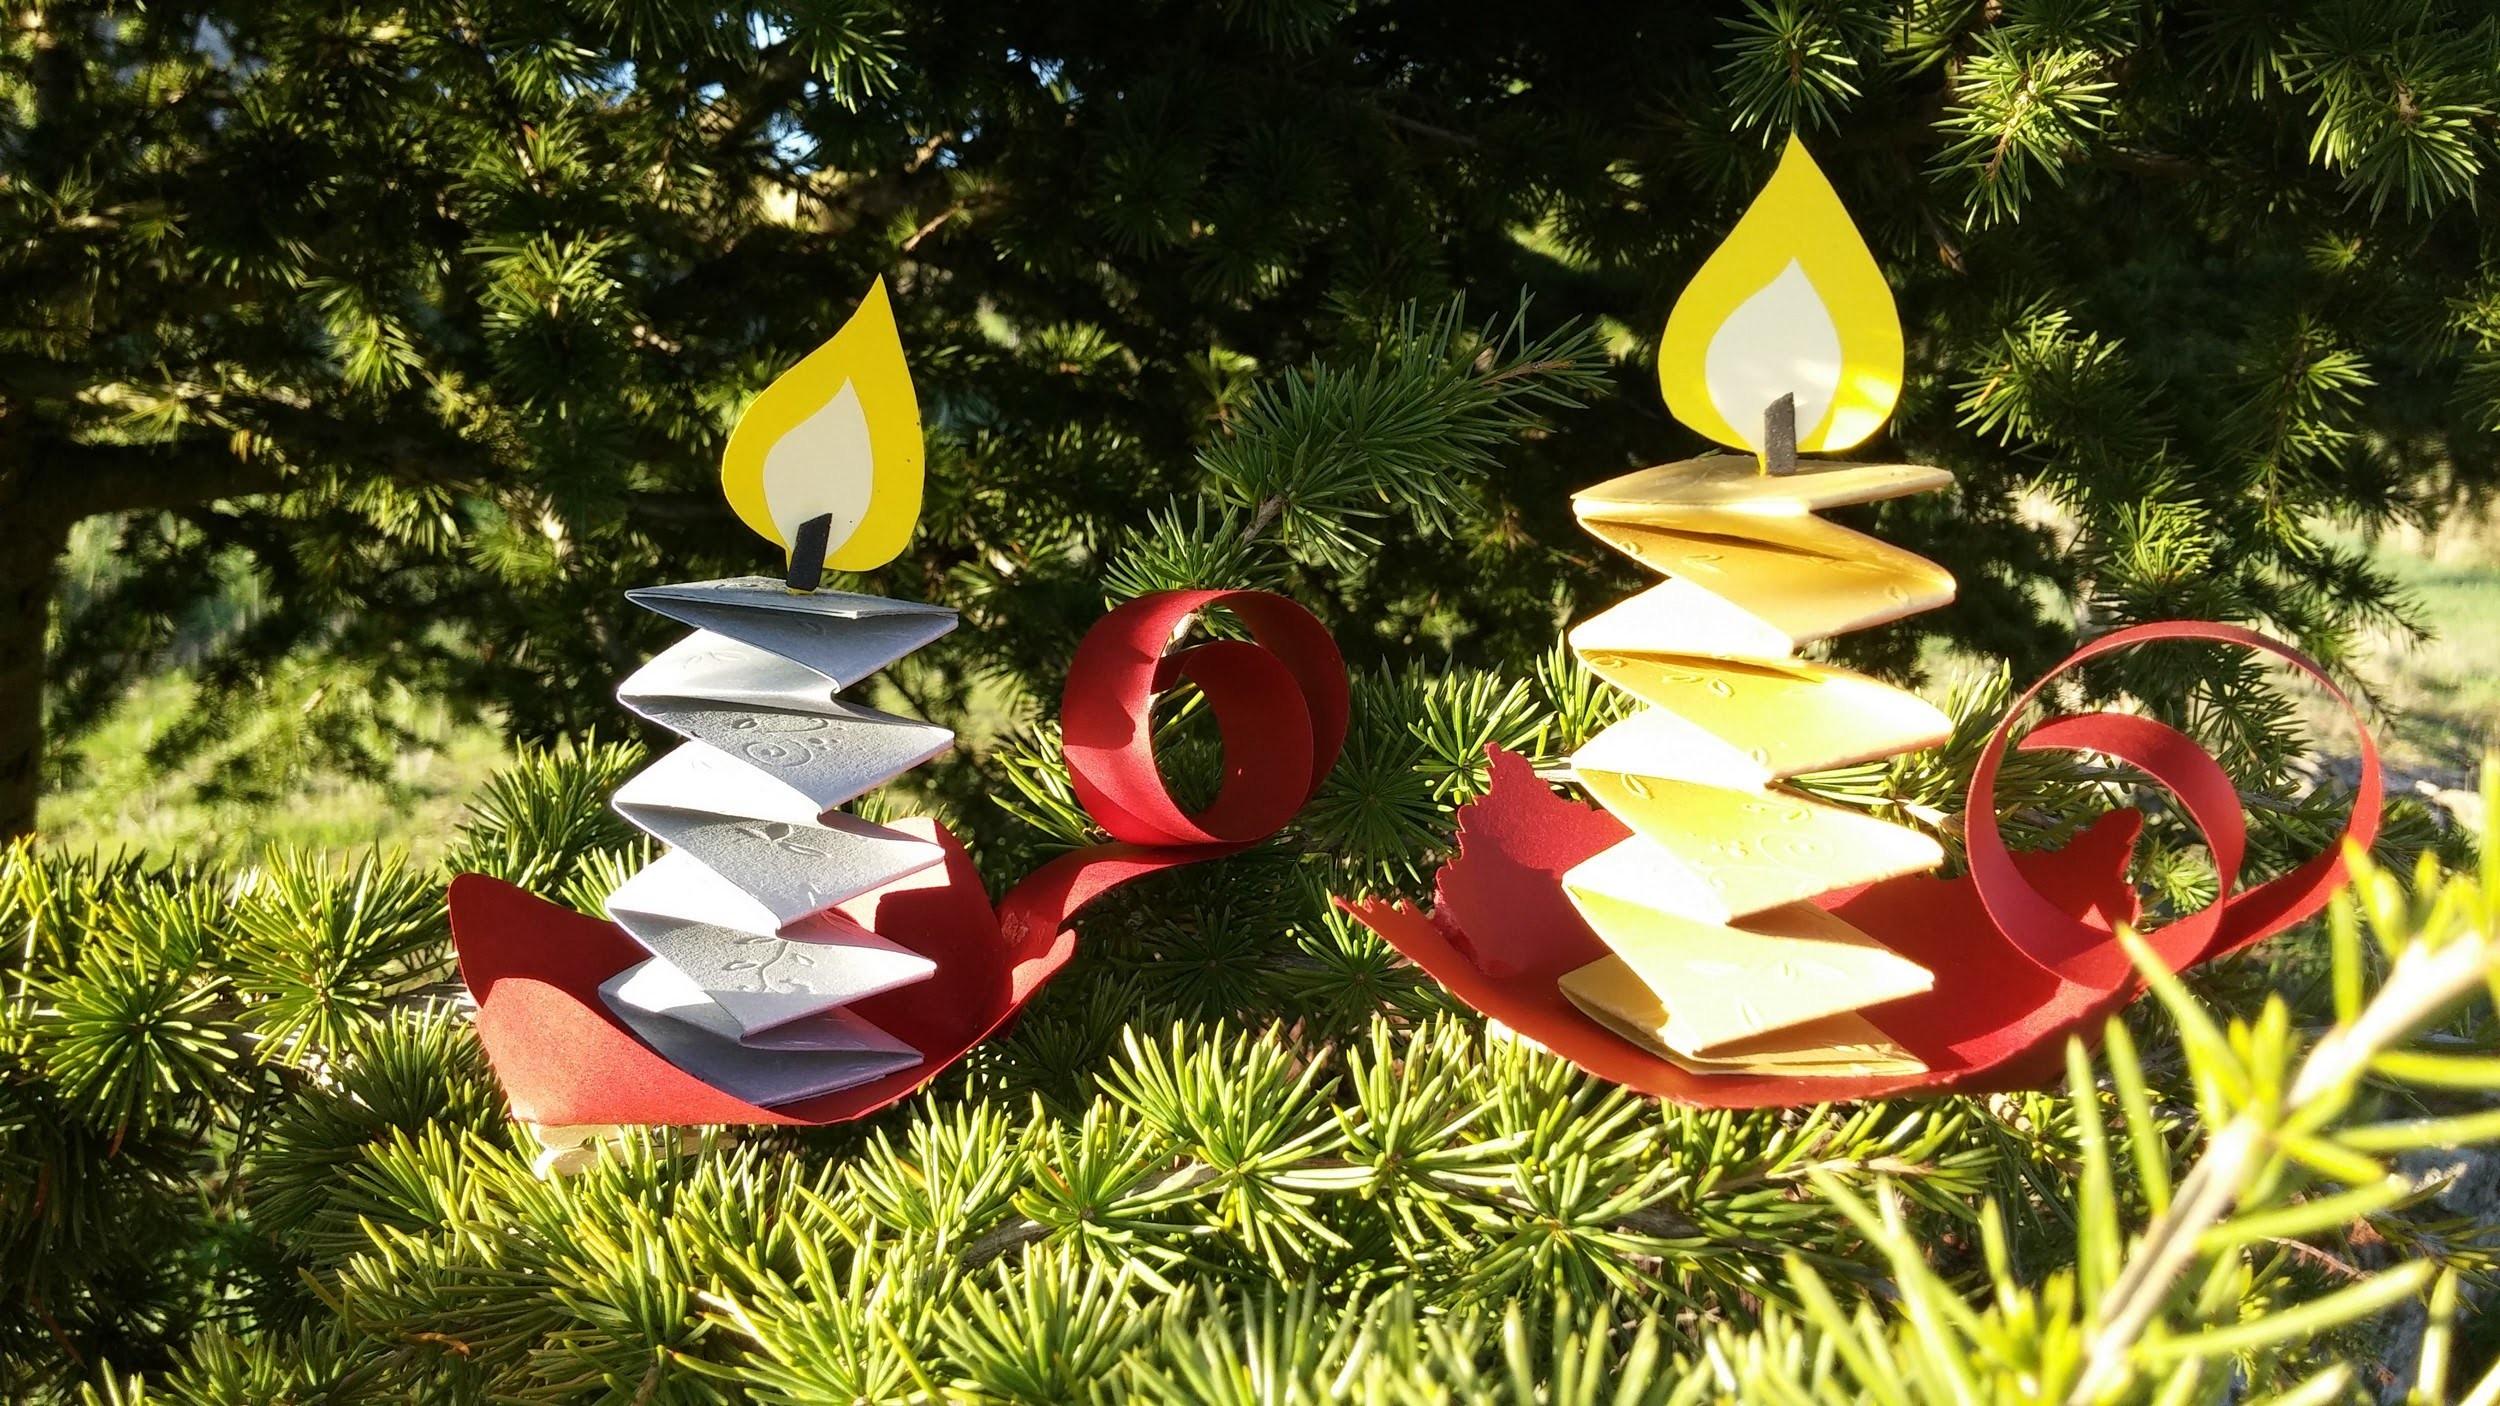 Como fazer enfeites de Natal com velas - DIY - Christmas decorations candles